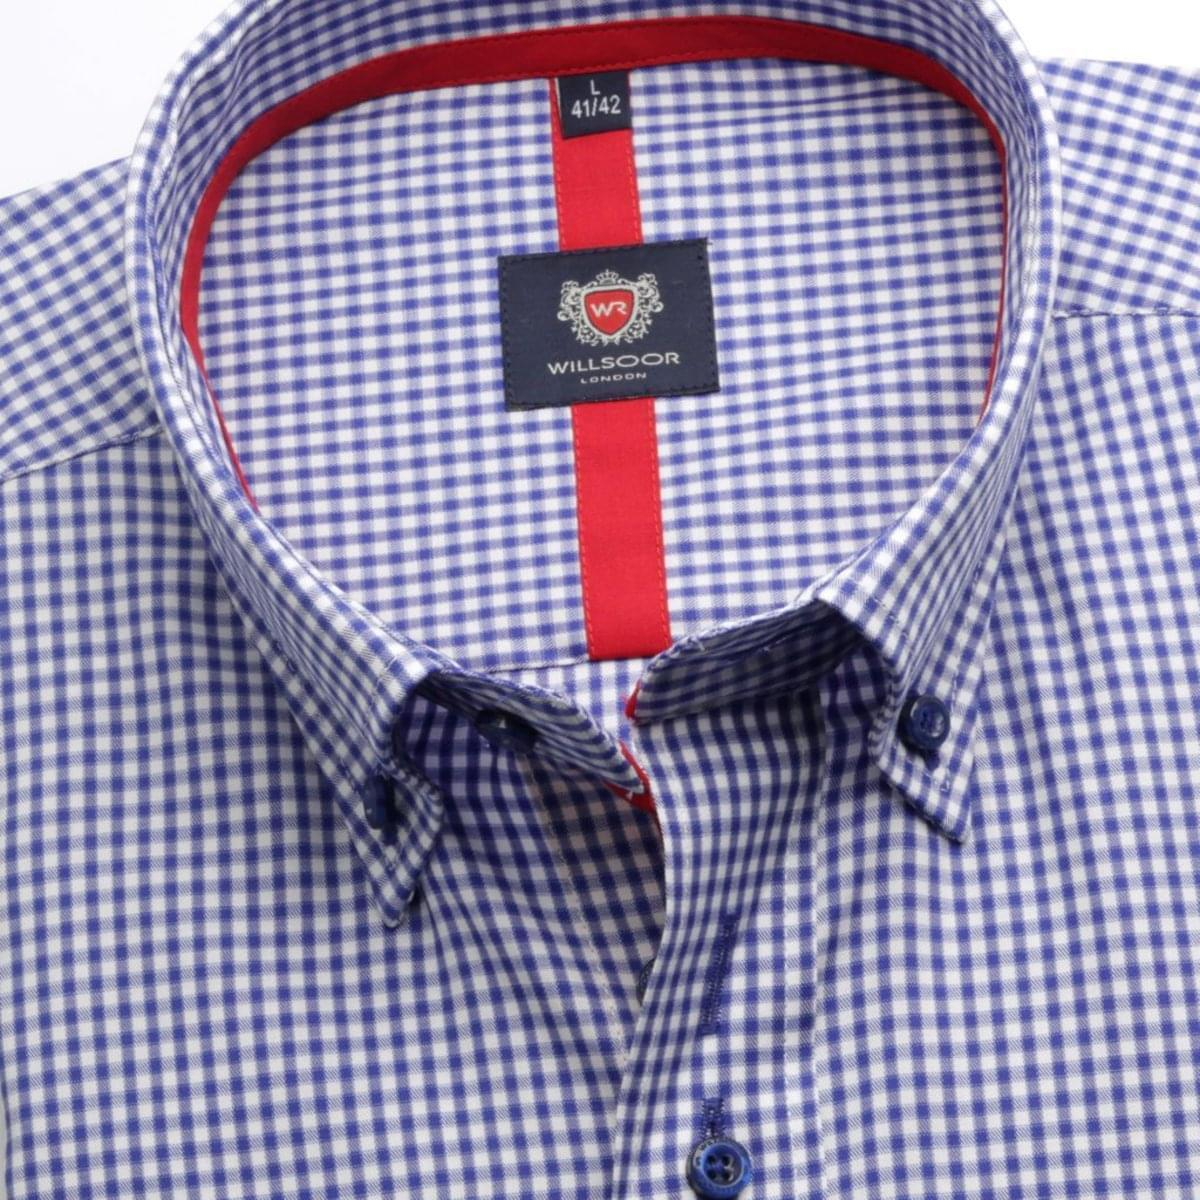 Pánská košile WR Londonv bílé barvě s kostkou (výška 188-194) 5280 188-194 / L (41/42)